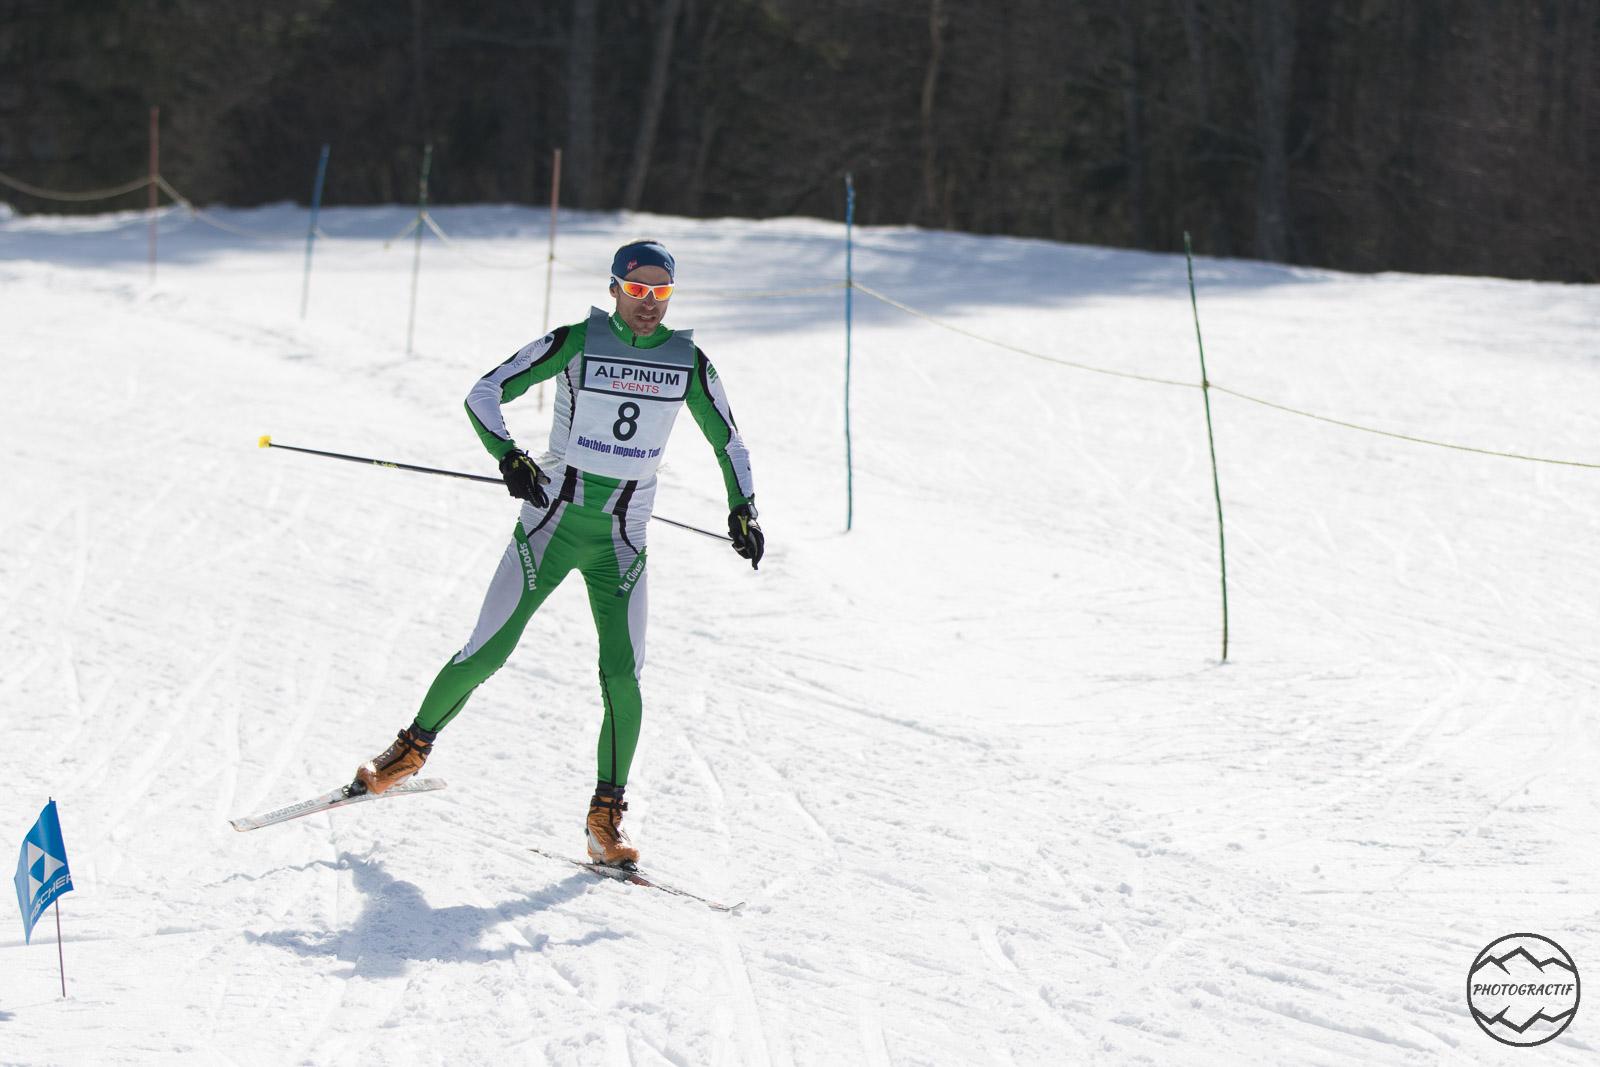 Biathlon Alpinum Les Contamines 2019 (51)